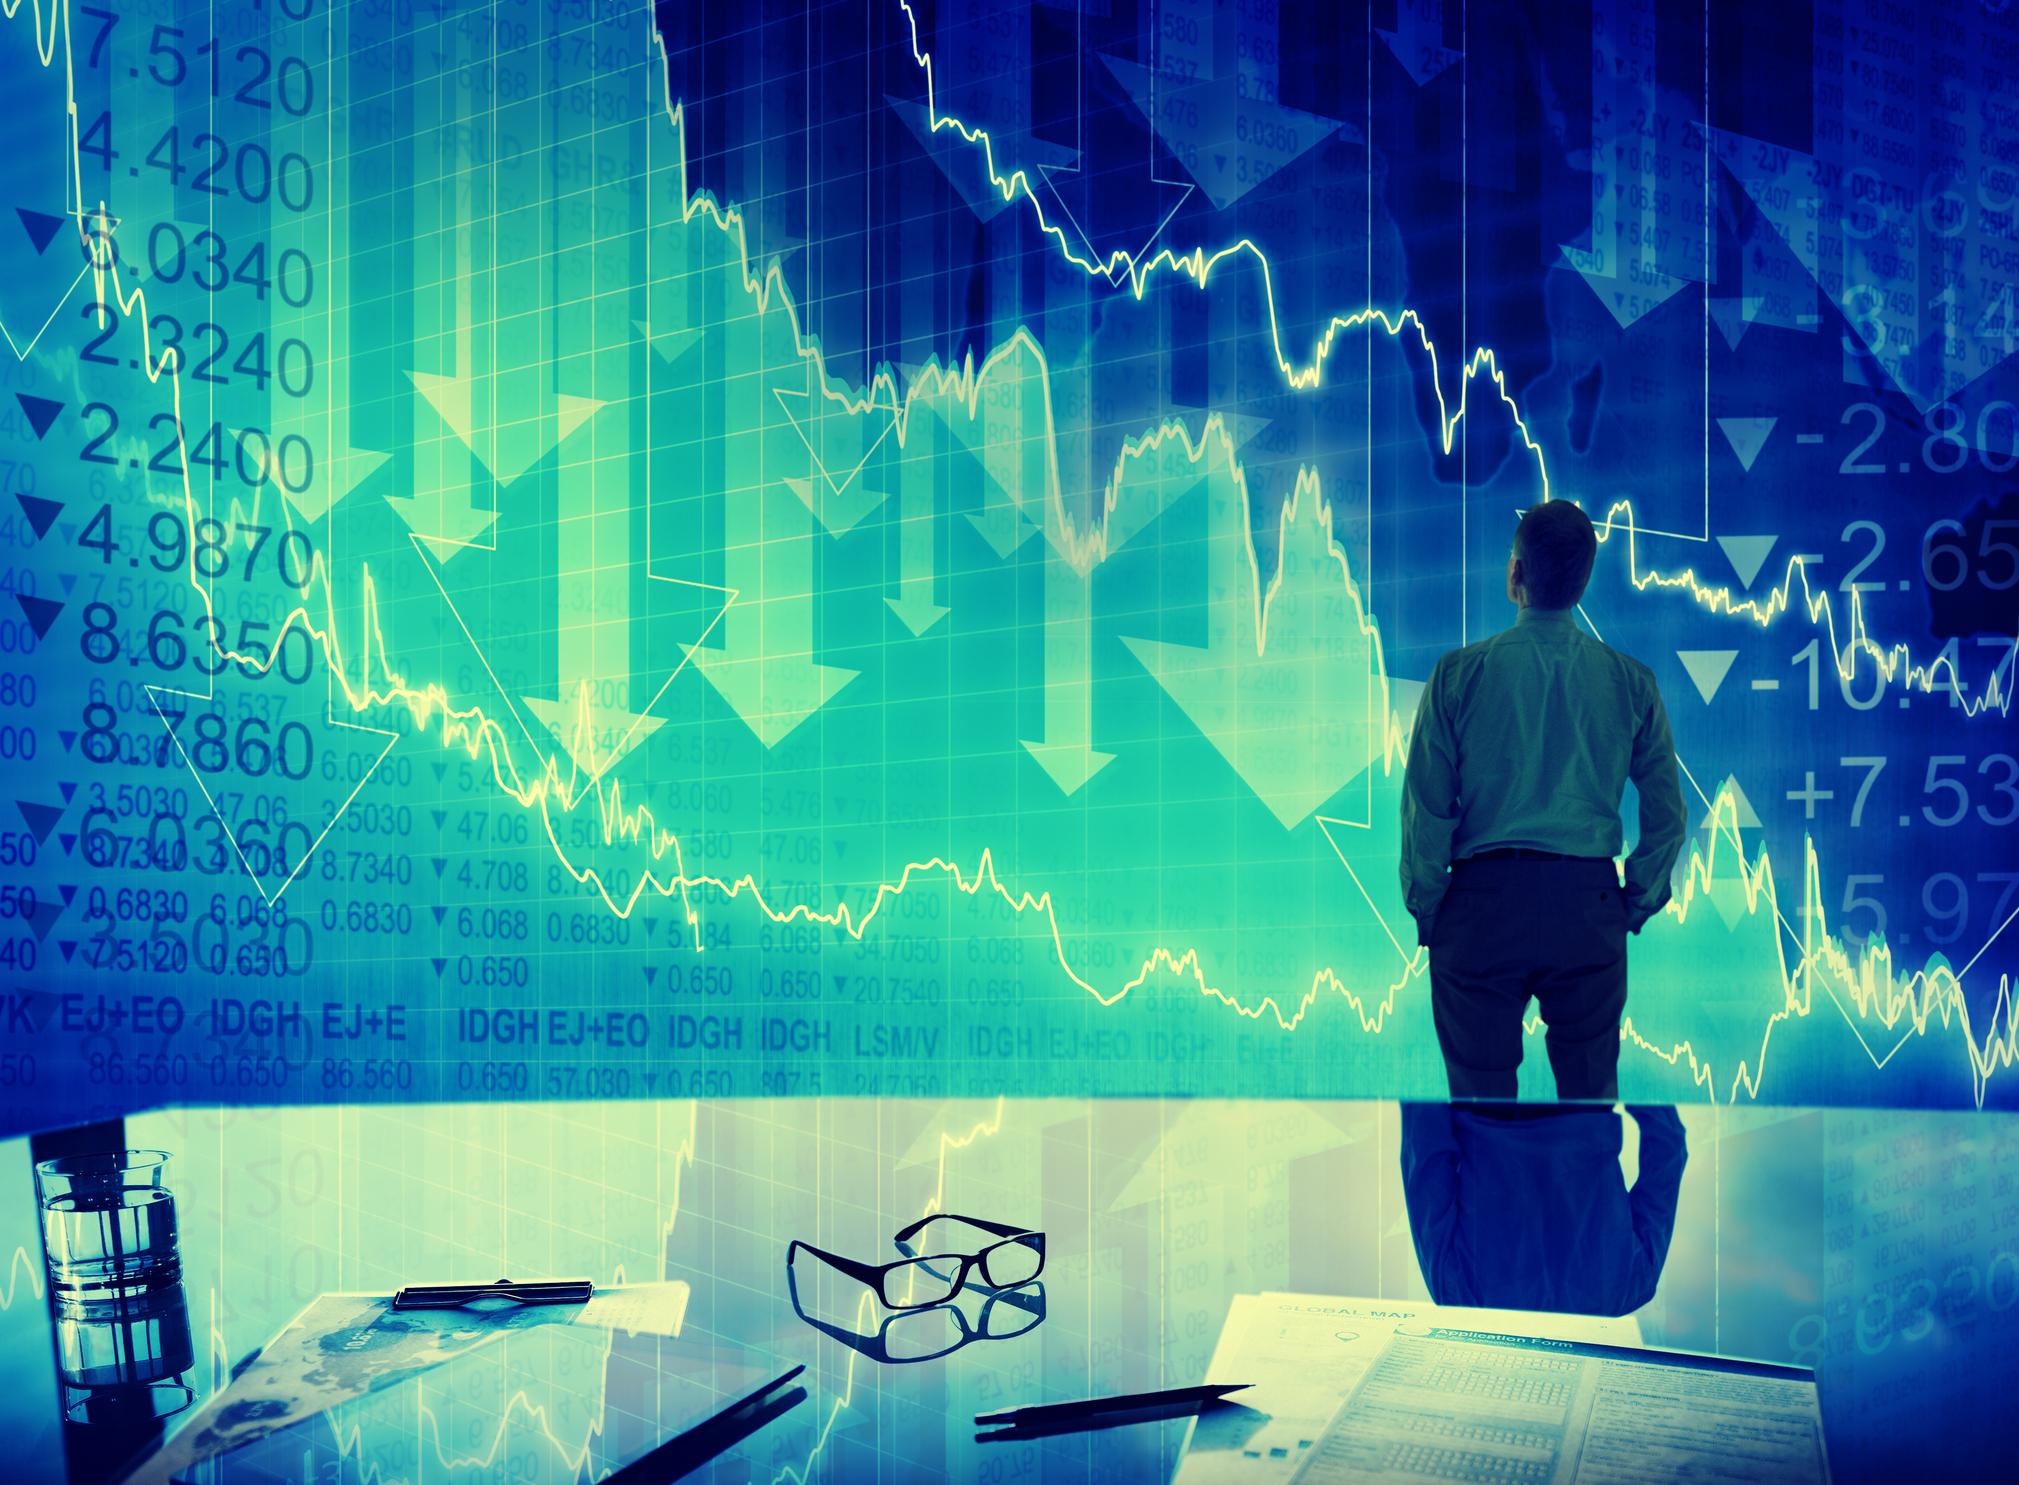 Man looking at display of falling stock graphs.